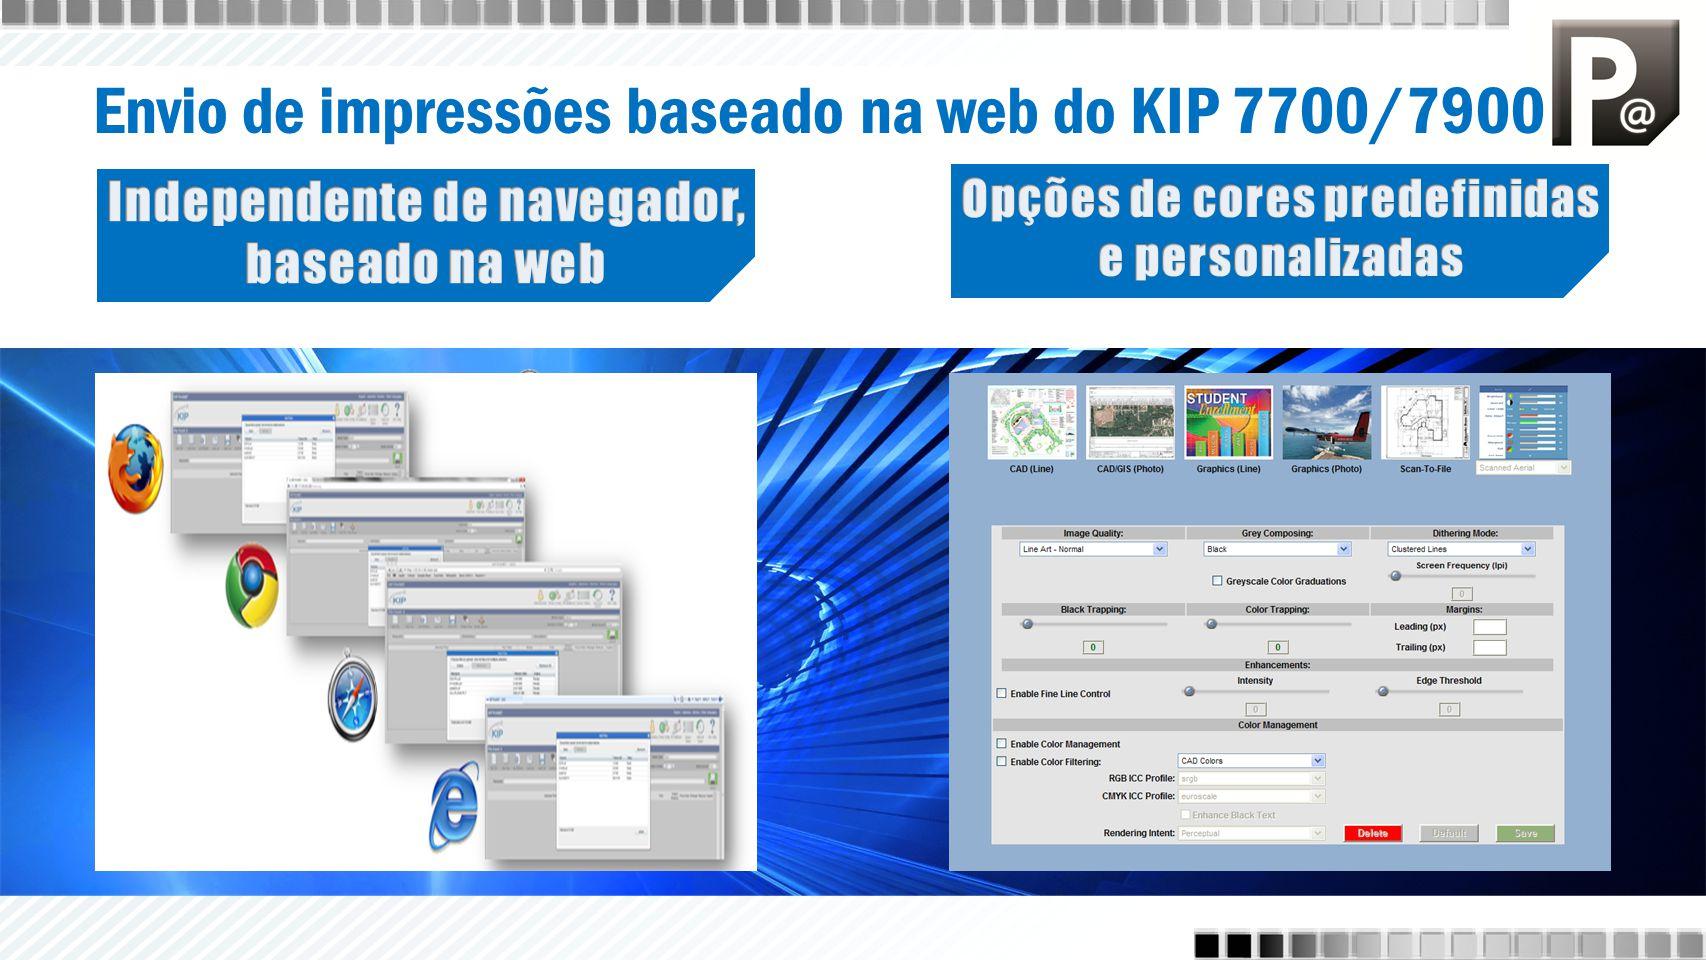 Envio de impressões baseado na web do KIP 7700/7900